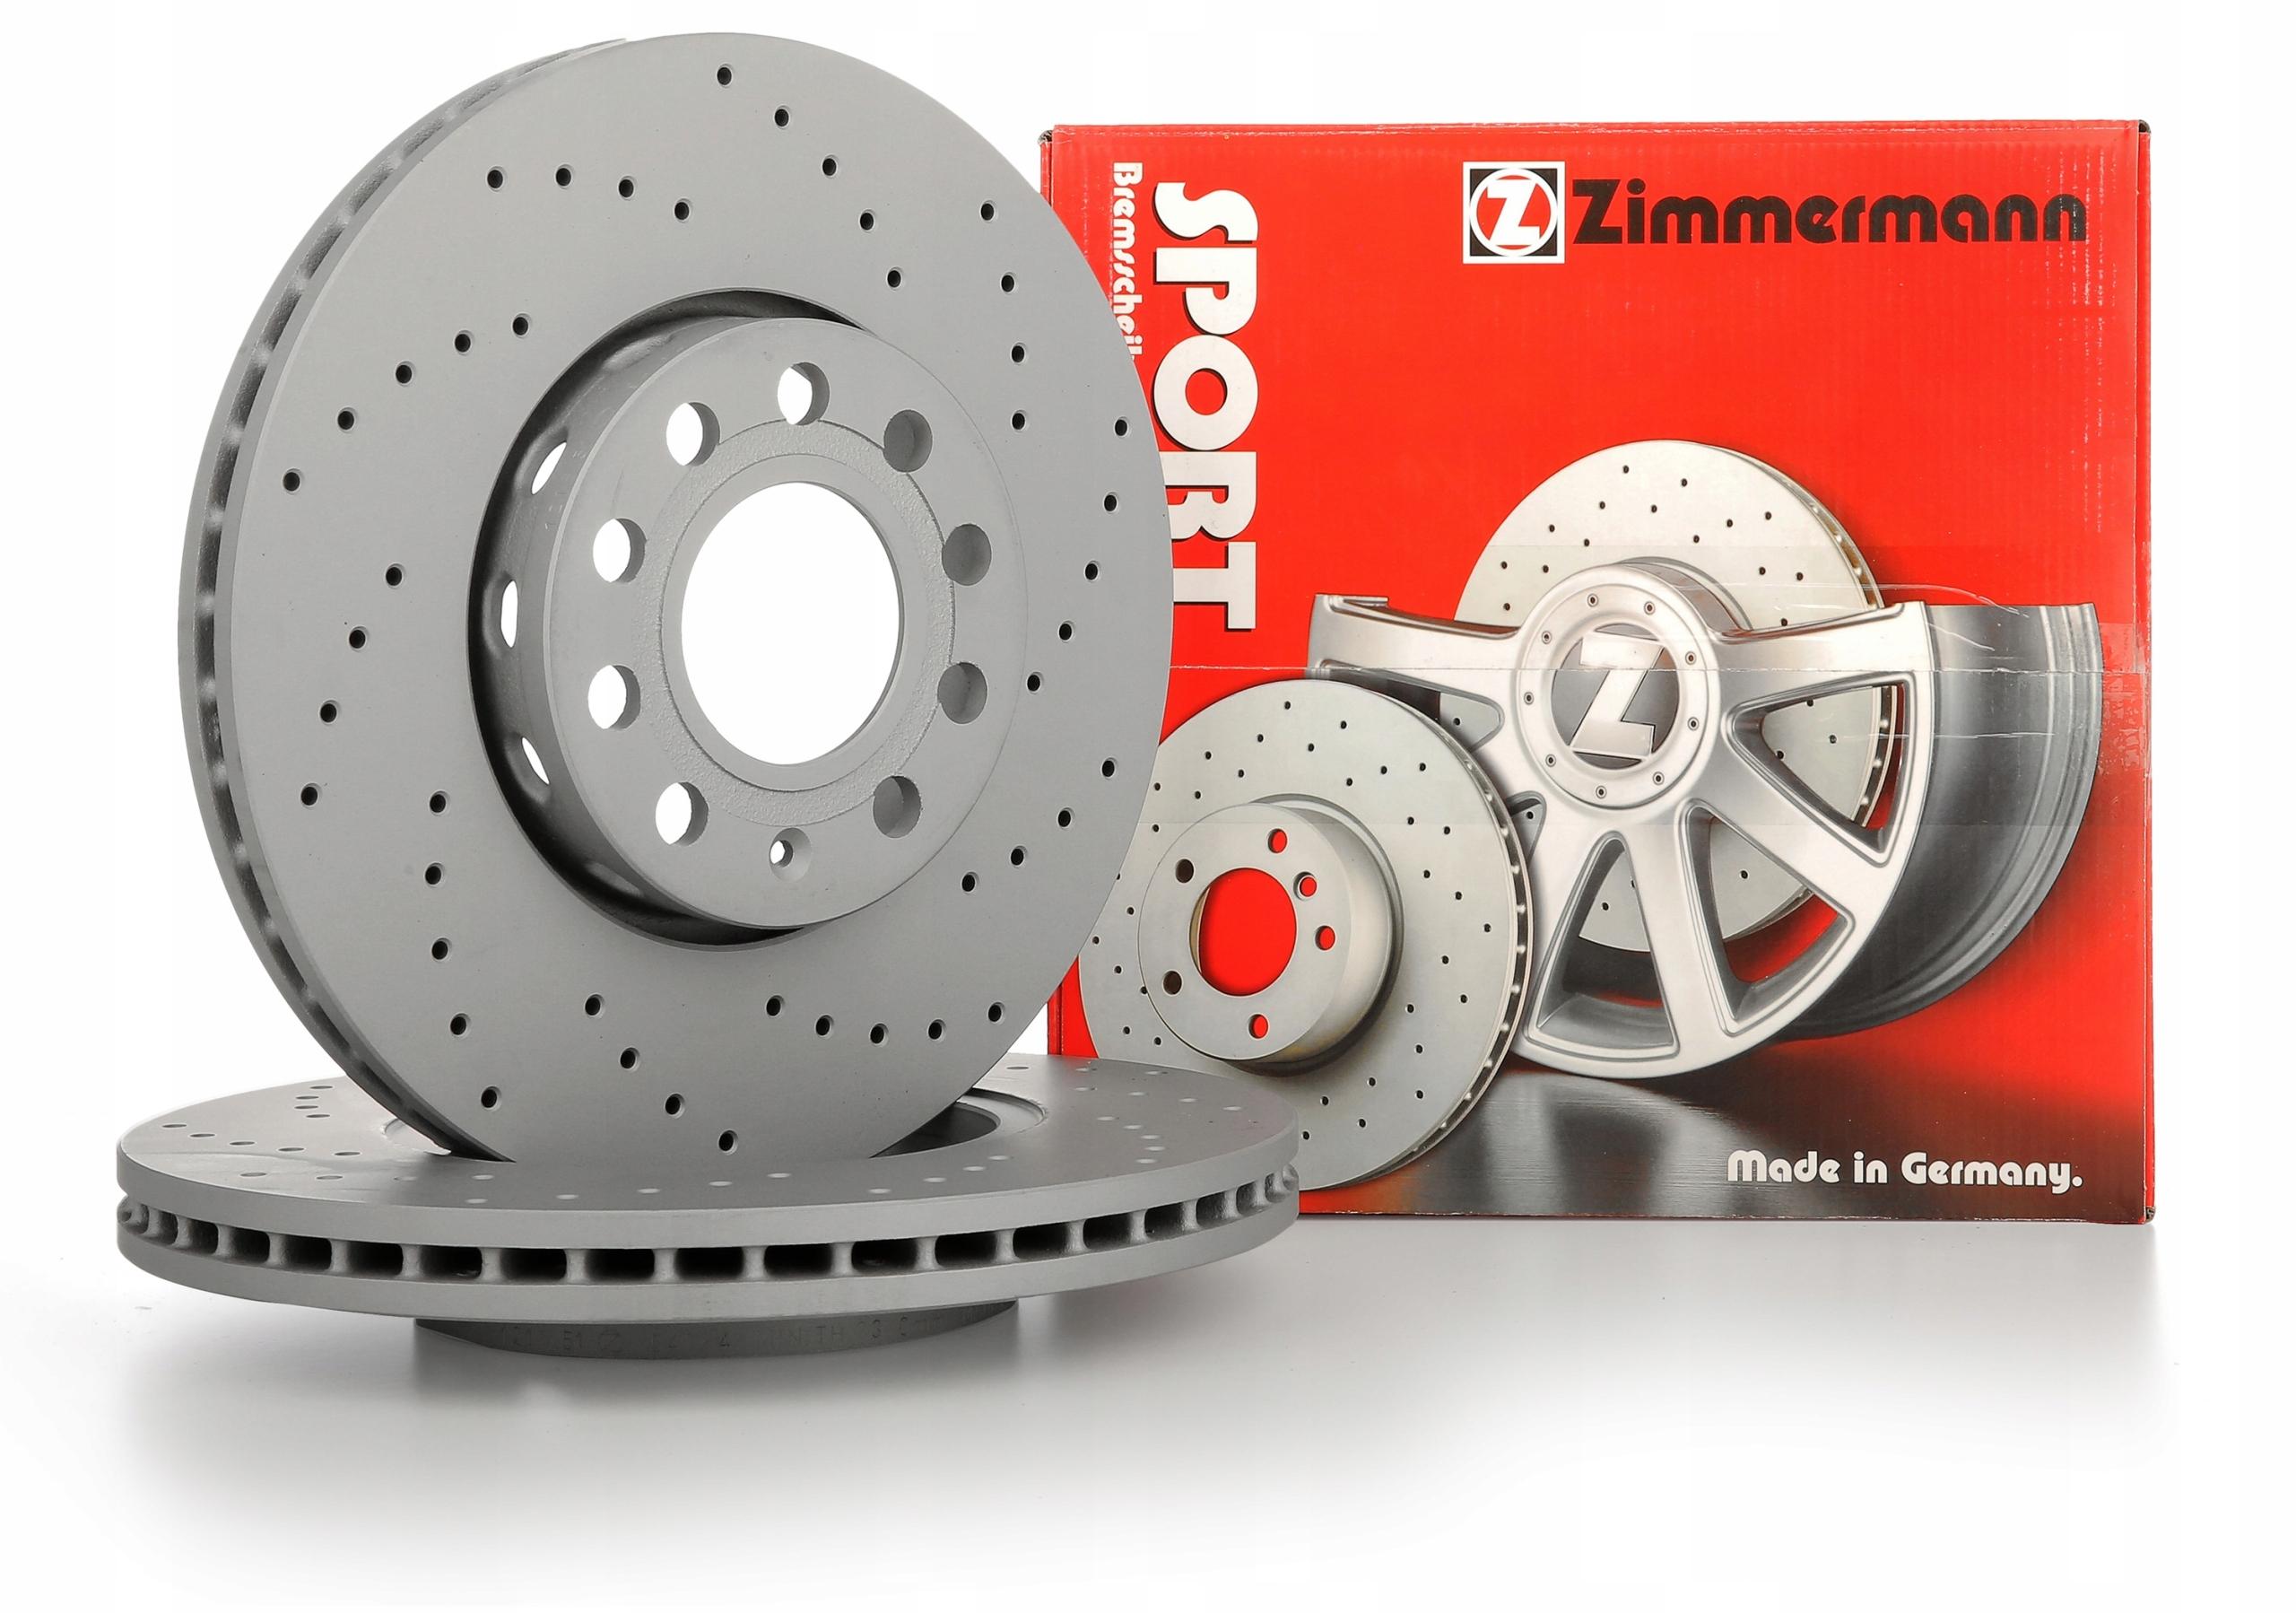 диски zimmermann спорт вперед - audi a6 c6 321mm